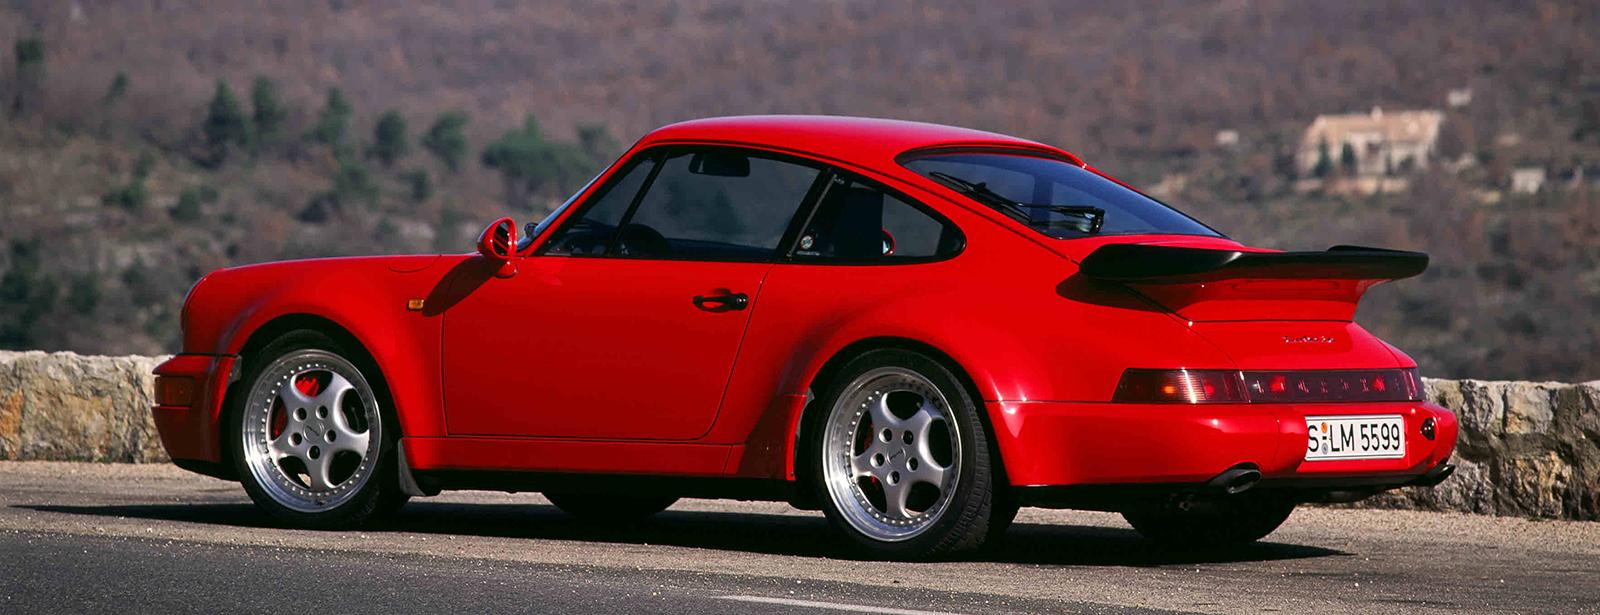 Porsche 964 Turbo Porsche Brazil